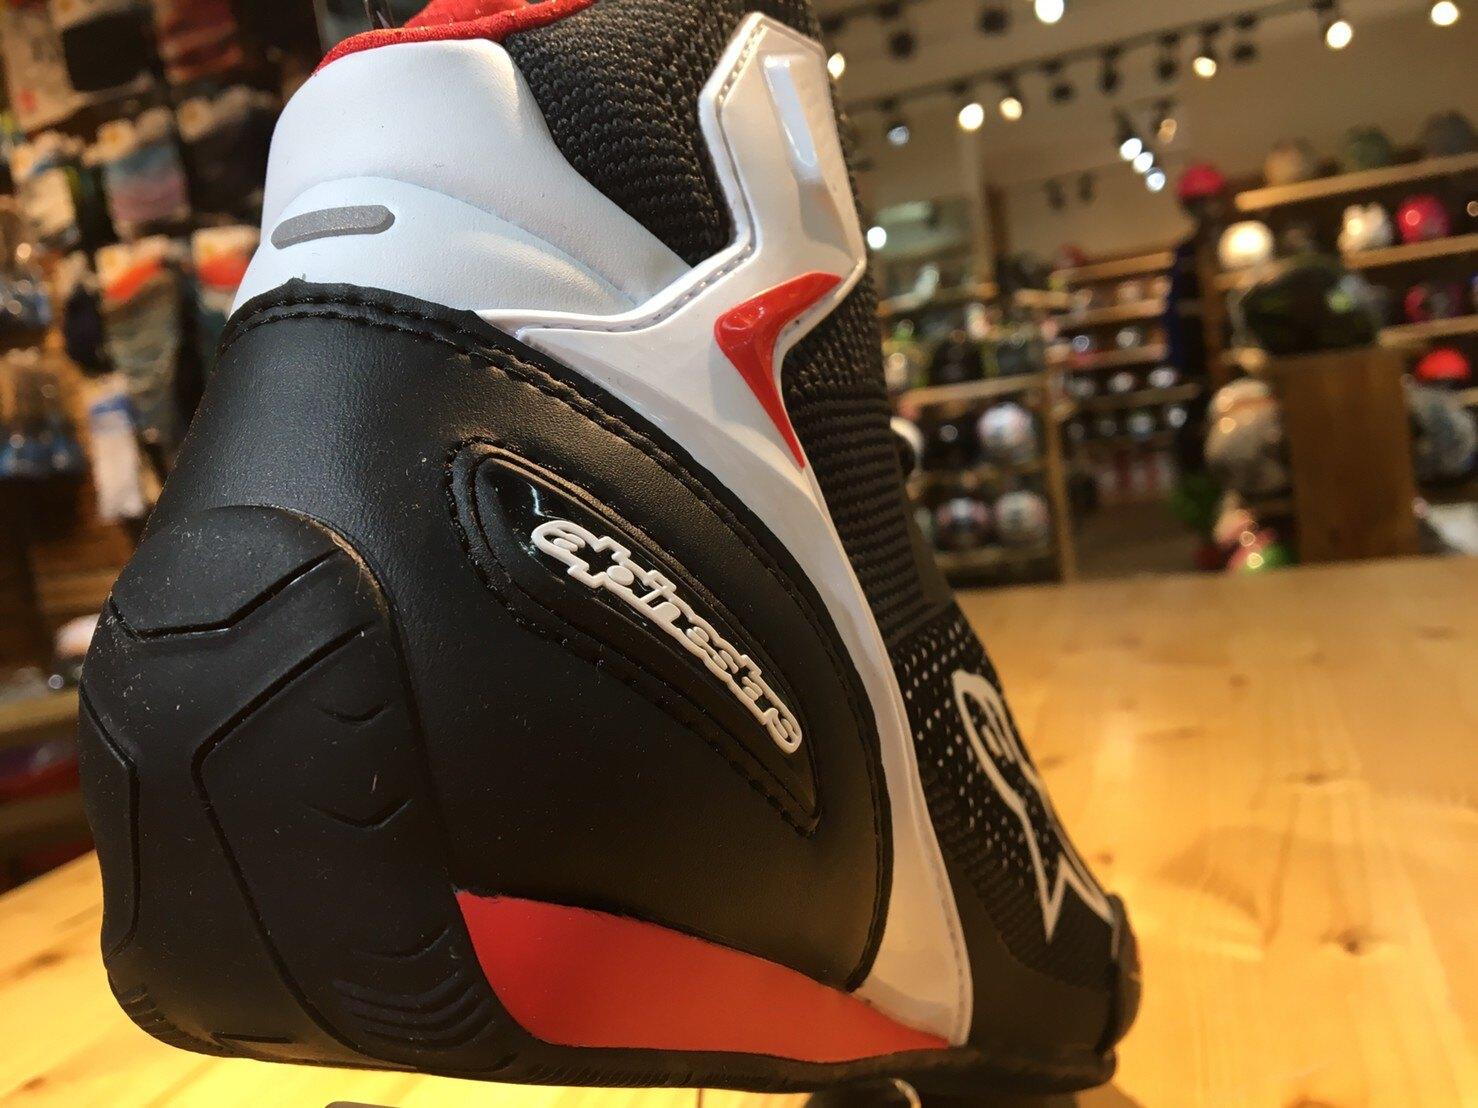 ~任我行騎士部品~ ALPINESTARS FASTER-3 RIDEKNIT SHOES 車靴 防摔 休閒 透氣 舒適 2019新款 A星 黑白紅